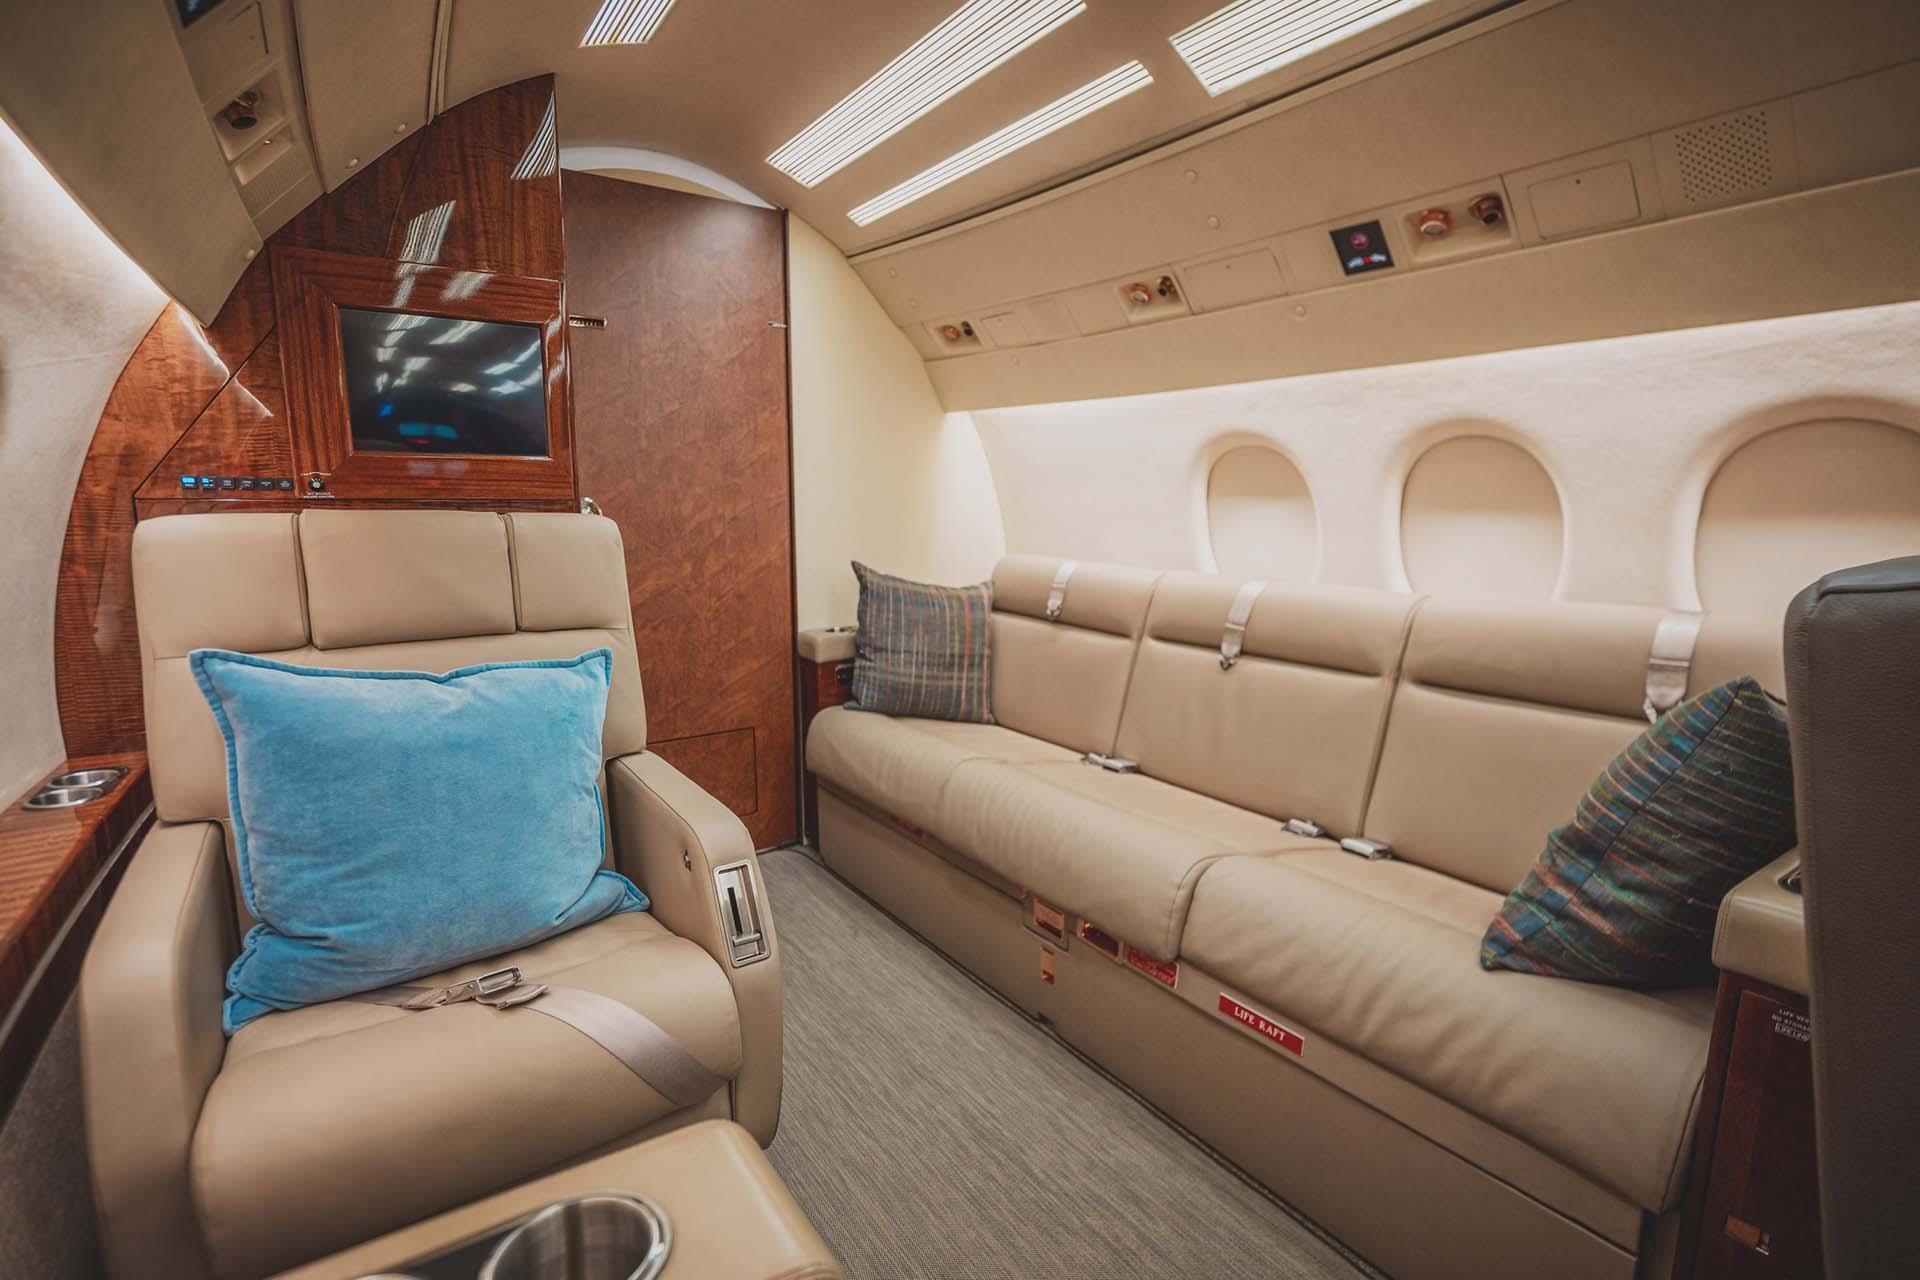 falcon 900 f900 interior refurbishment final